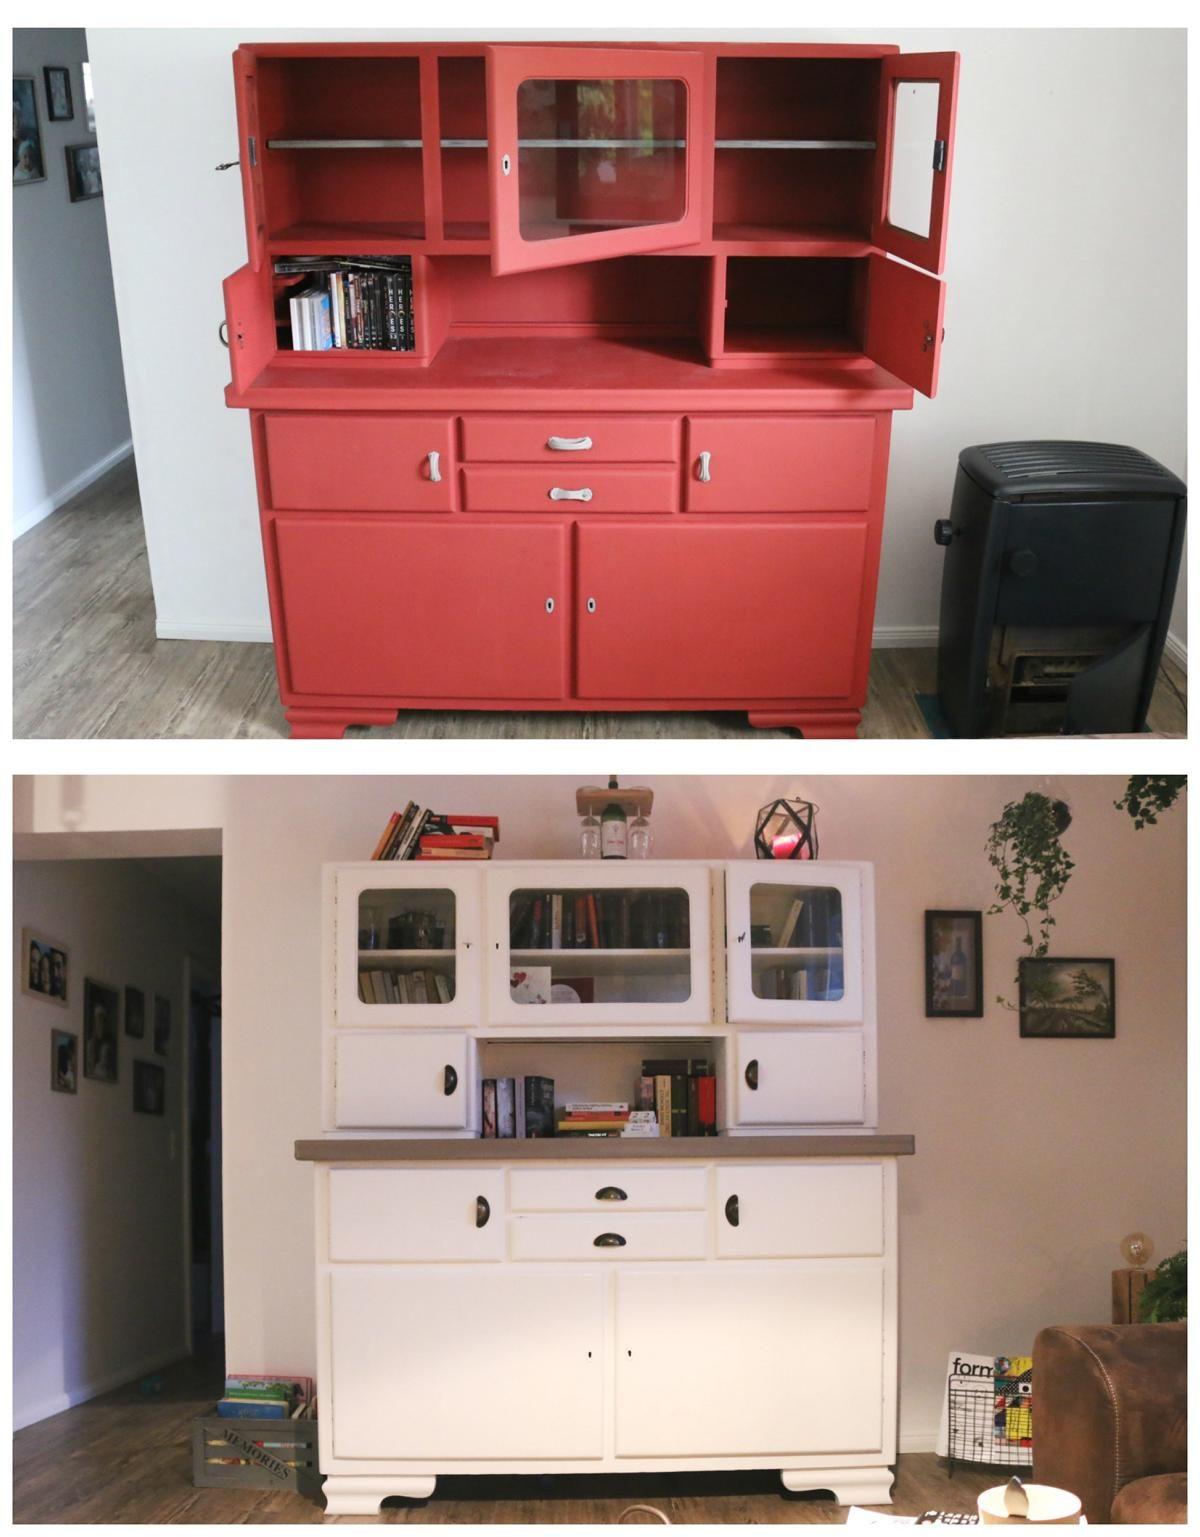 ᐅ wohnzimmer einrichten & gestalten - room makeover diy - tipps